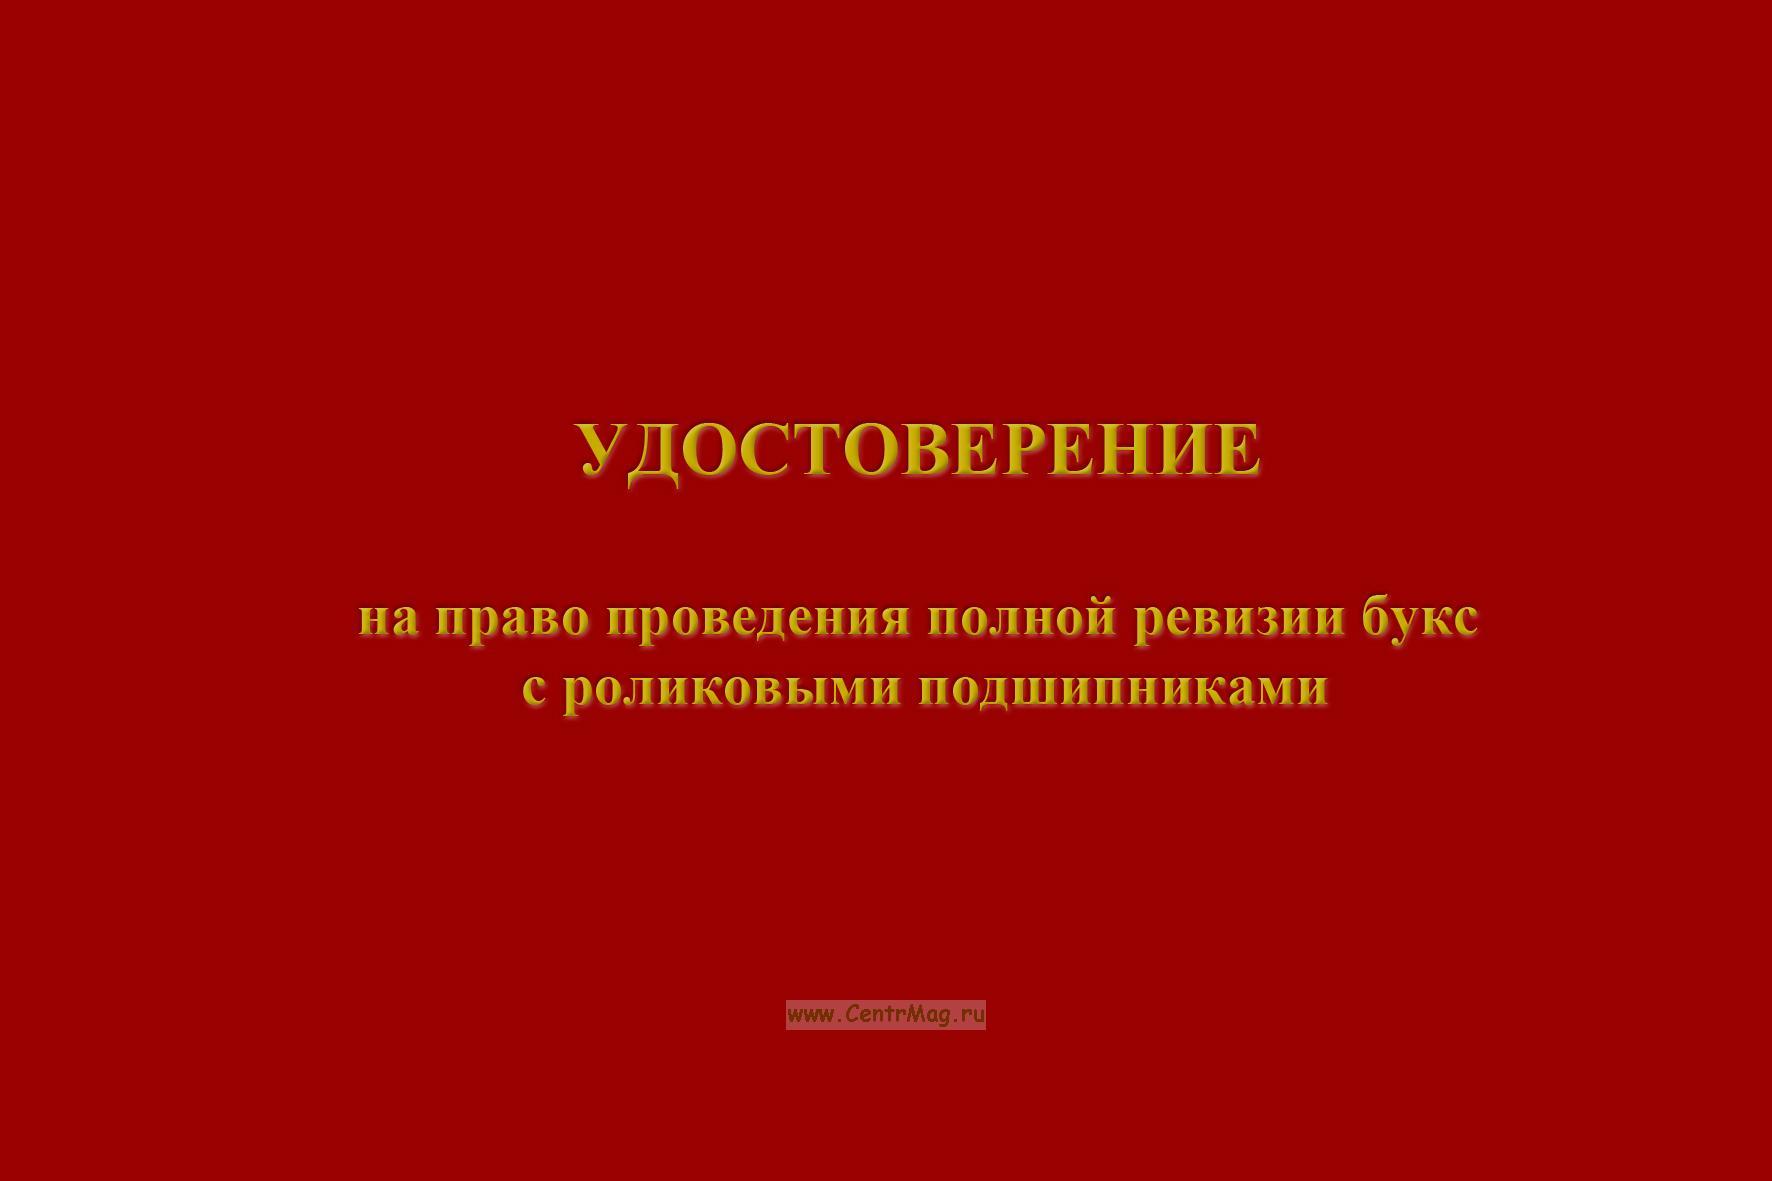 Удостоверение на право проведения полной ревизии букс  с роликовыми подшипниками